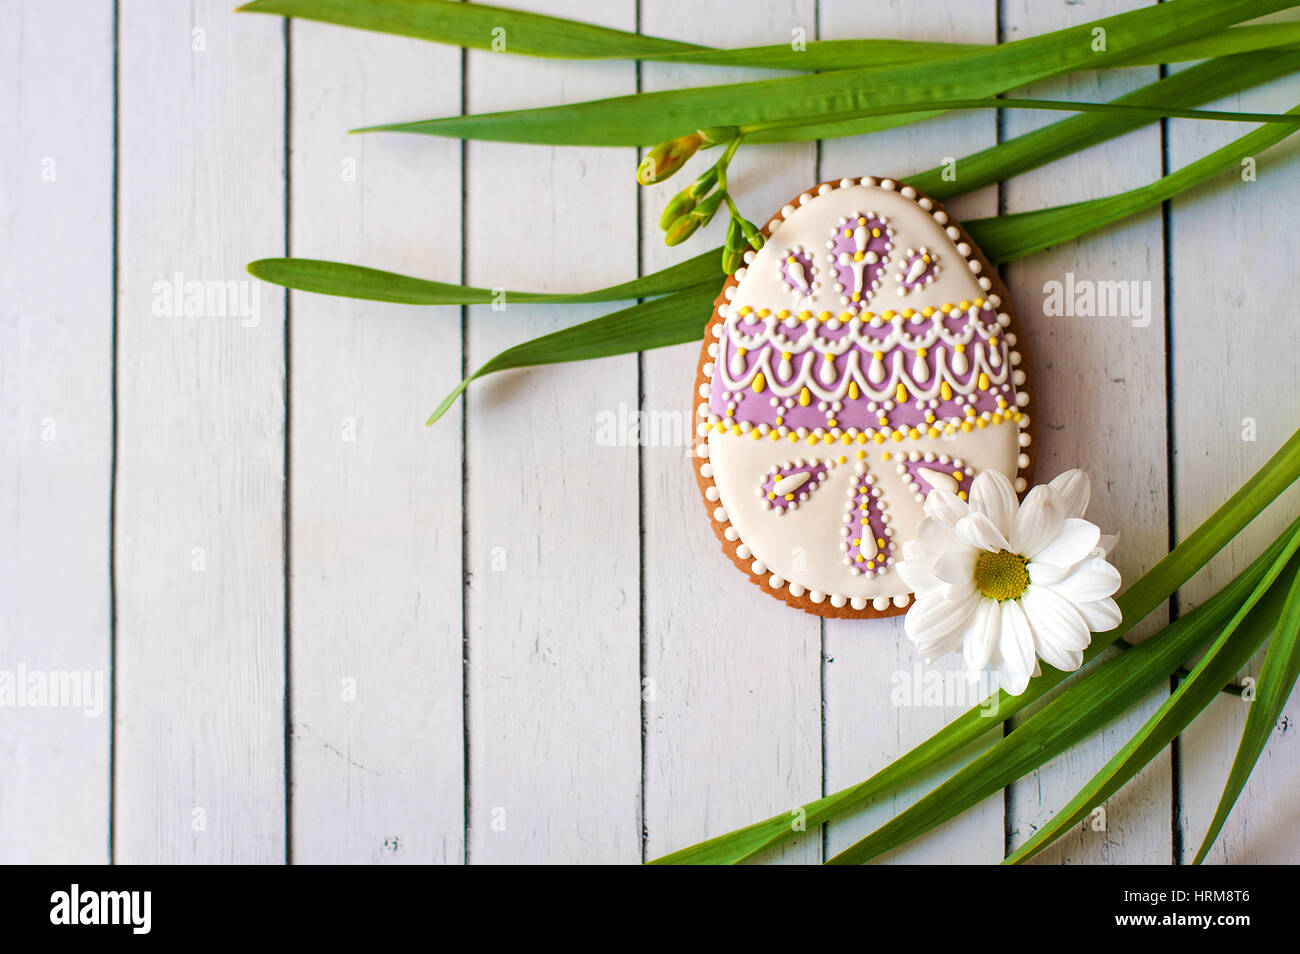 Gingerbread Butterfly Imágenes De Stock & Gingerbread Butterfly ...